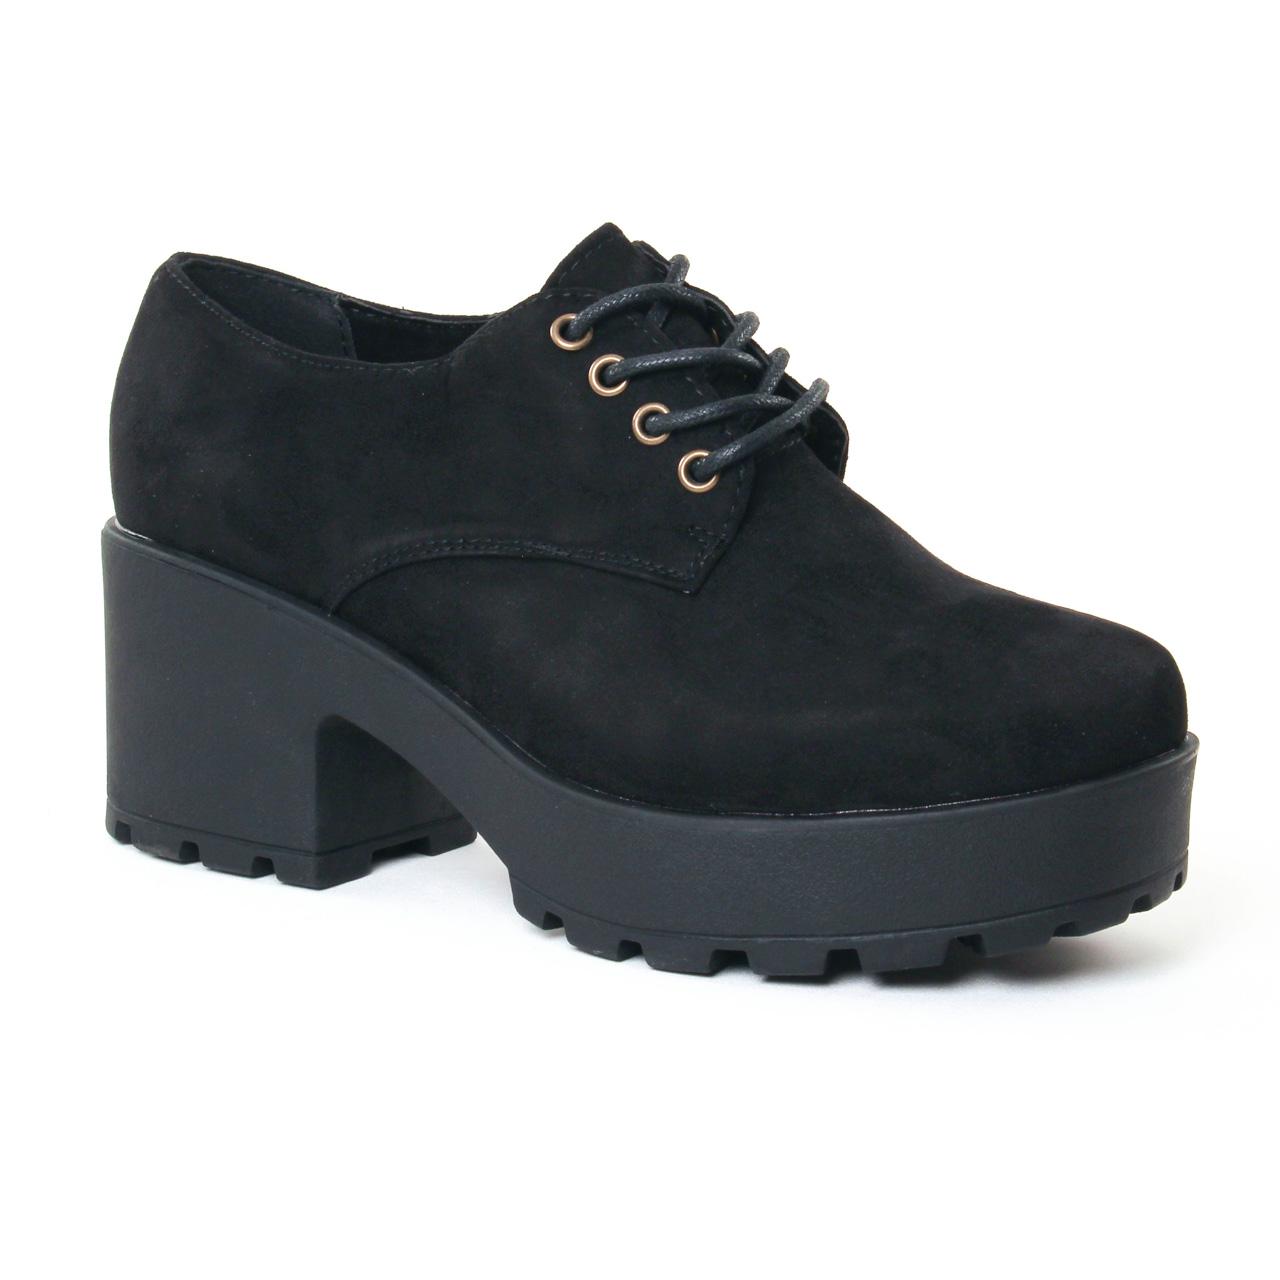 PAR en Chaussures ligne CoolWay 3 TROIS COOLWAY faqEXPwX